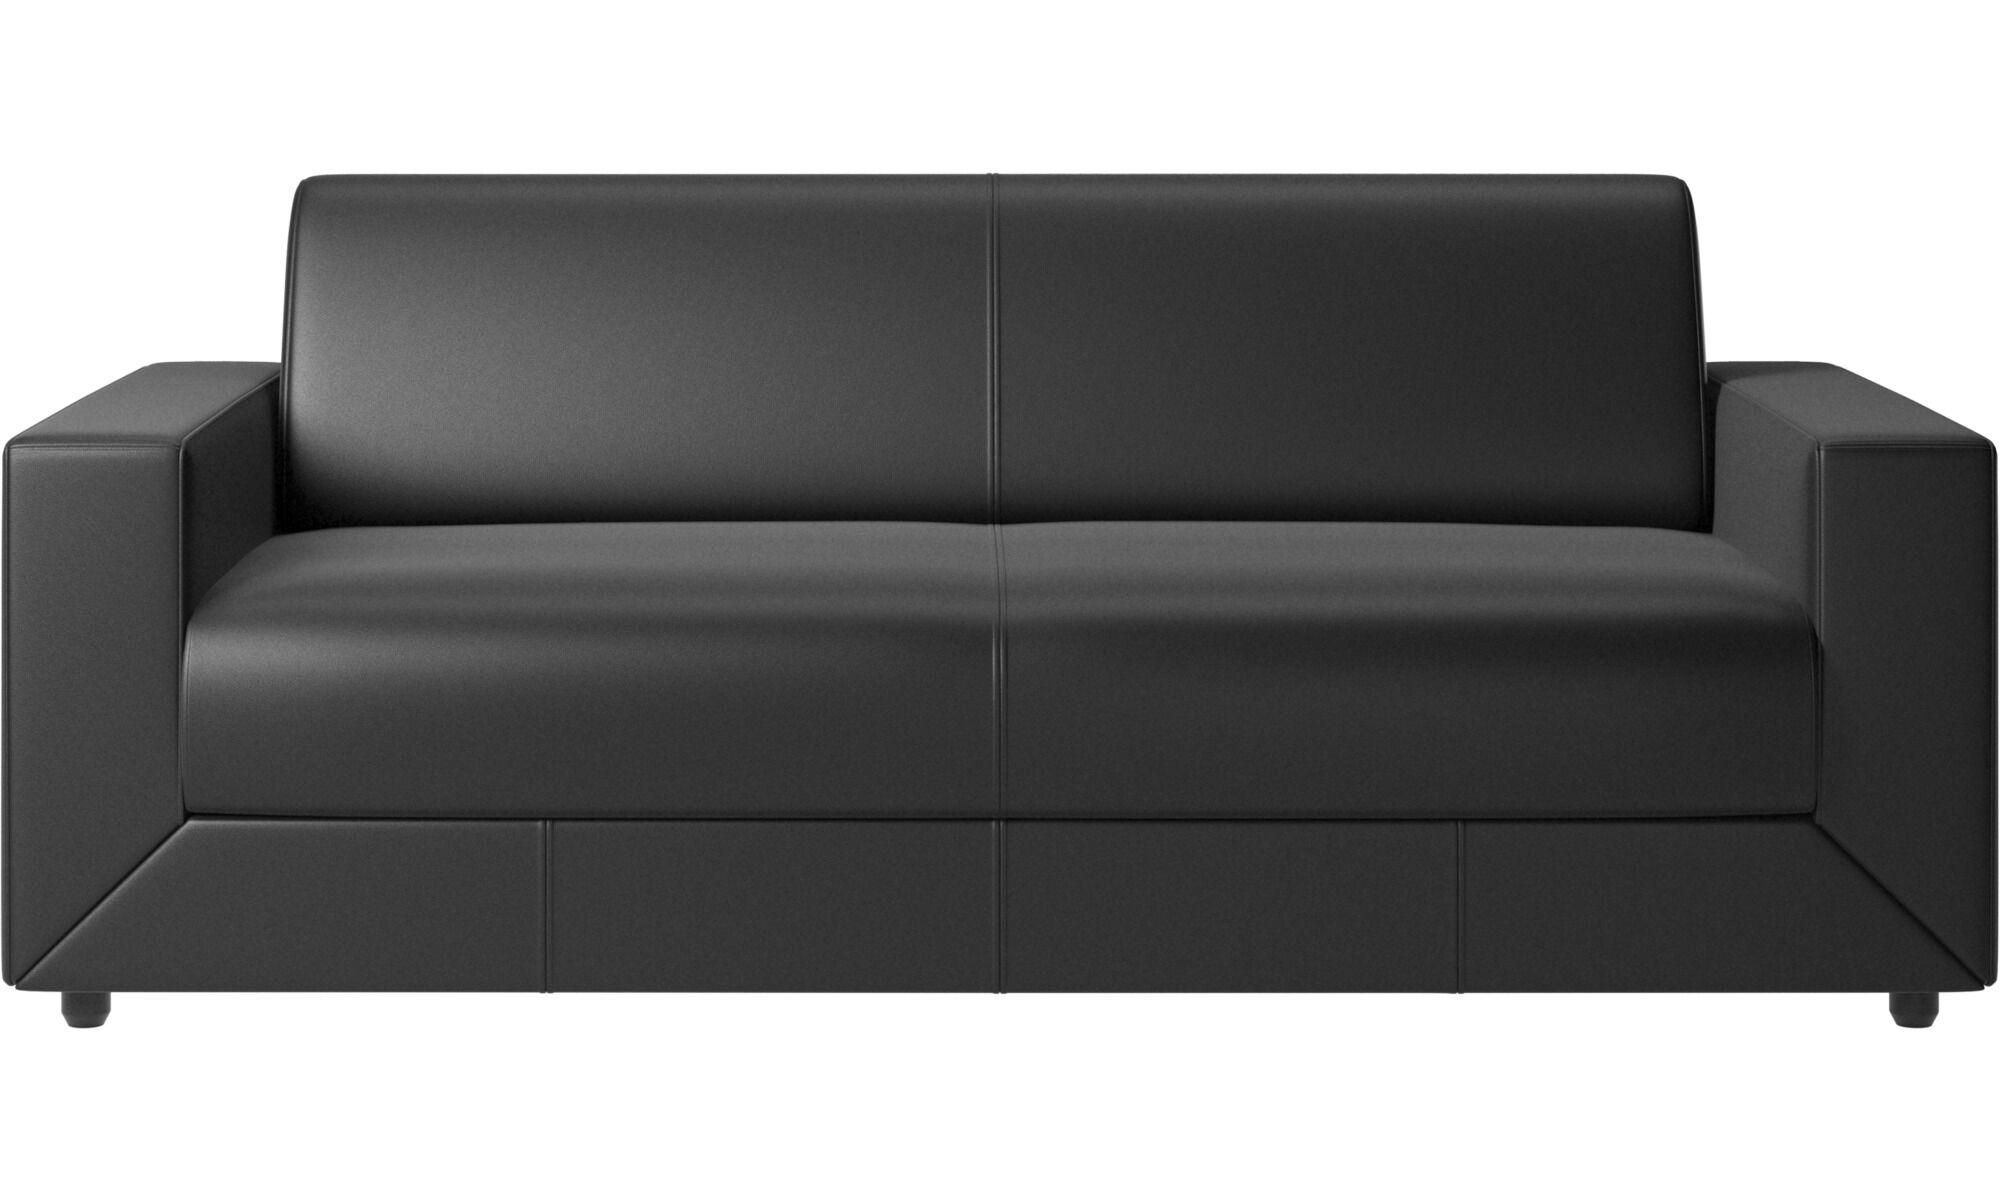 - Sofa Beds - Stockholm Sofa Bed - BoConcept